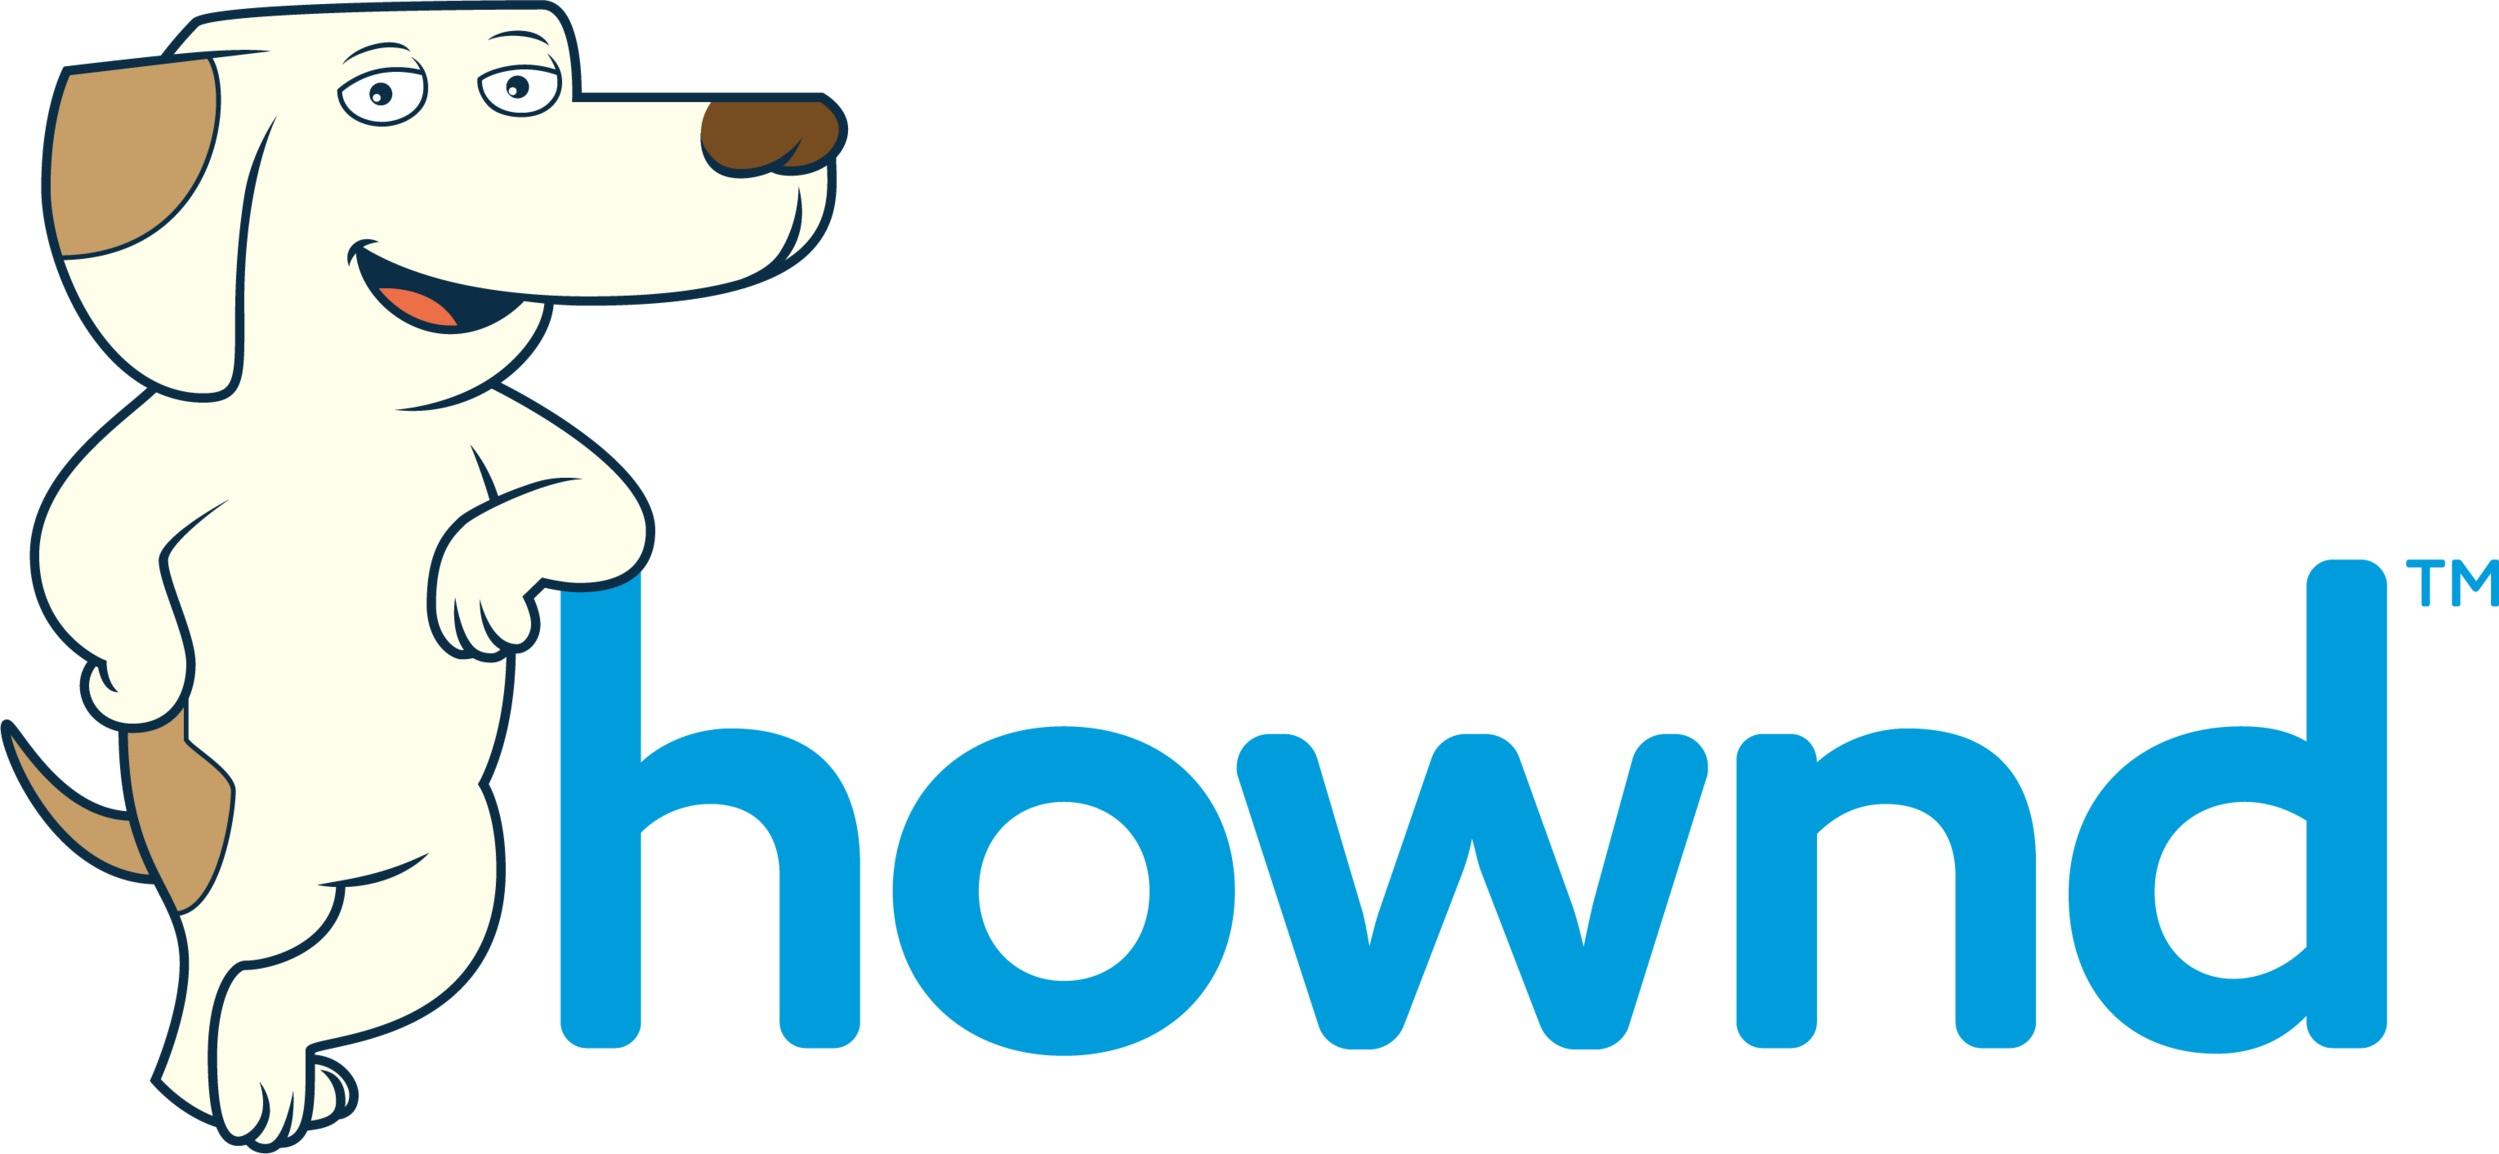 Hownd Full Body Logo TM RGB 300.png